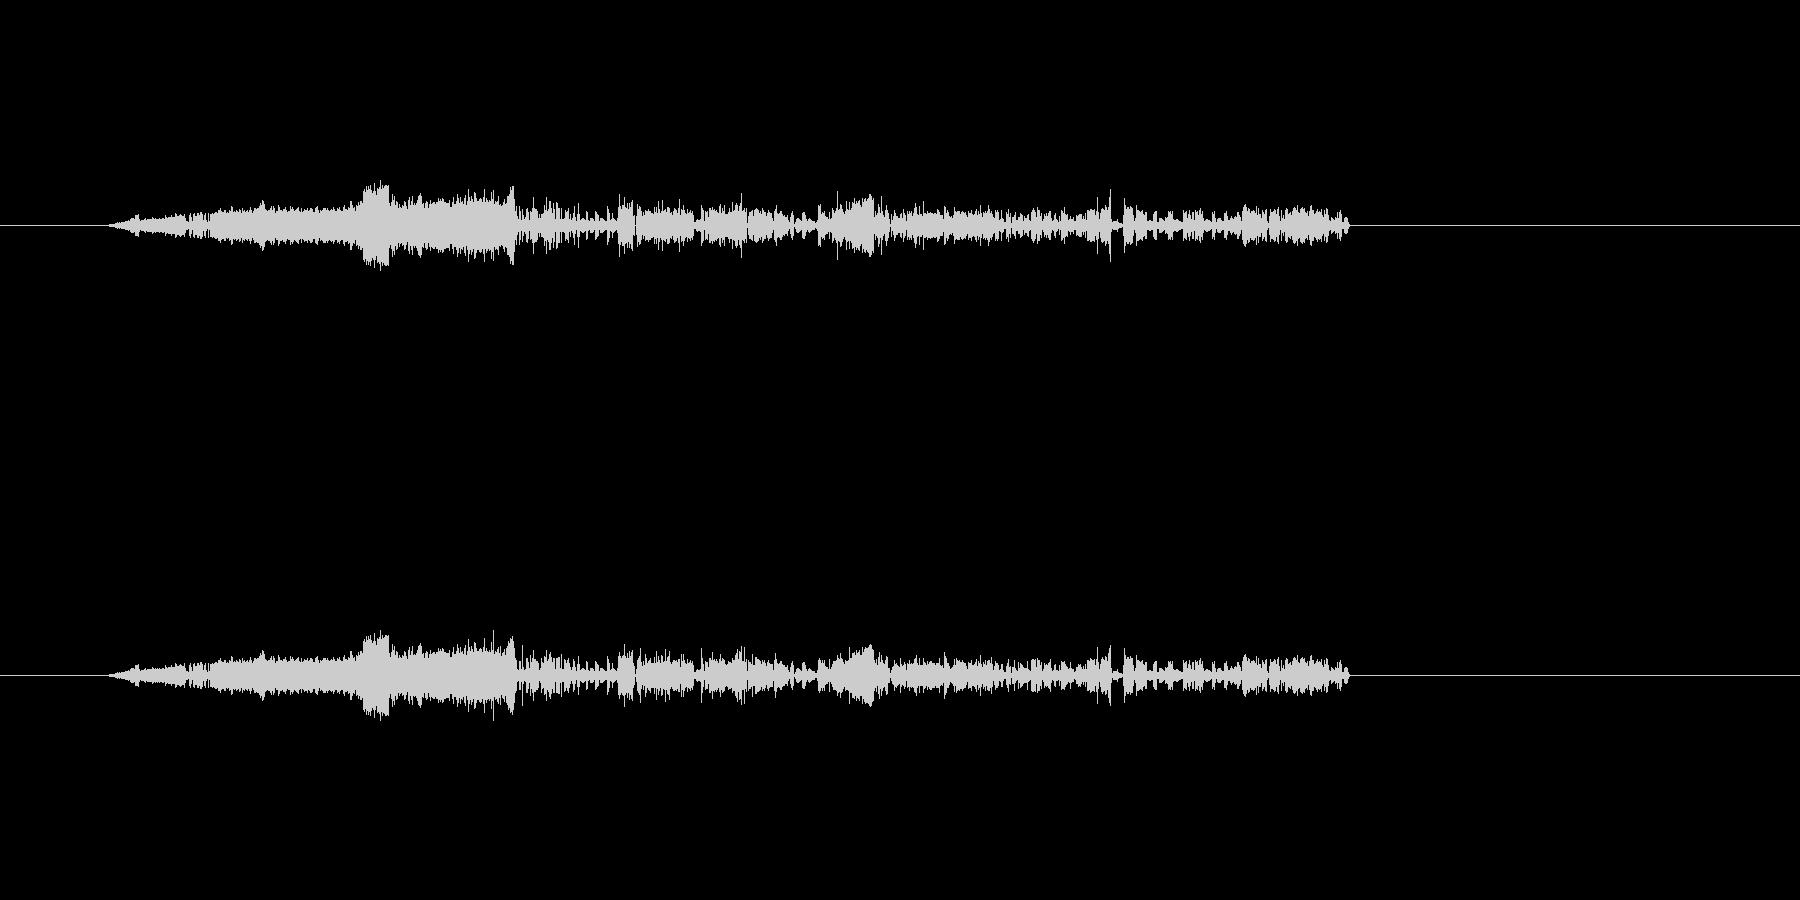 ノイズ(電気)の音の未再生の波形